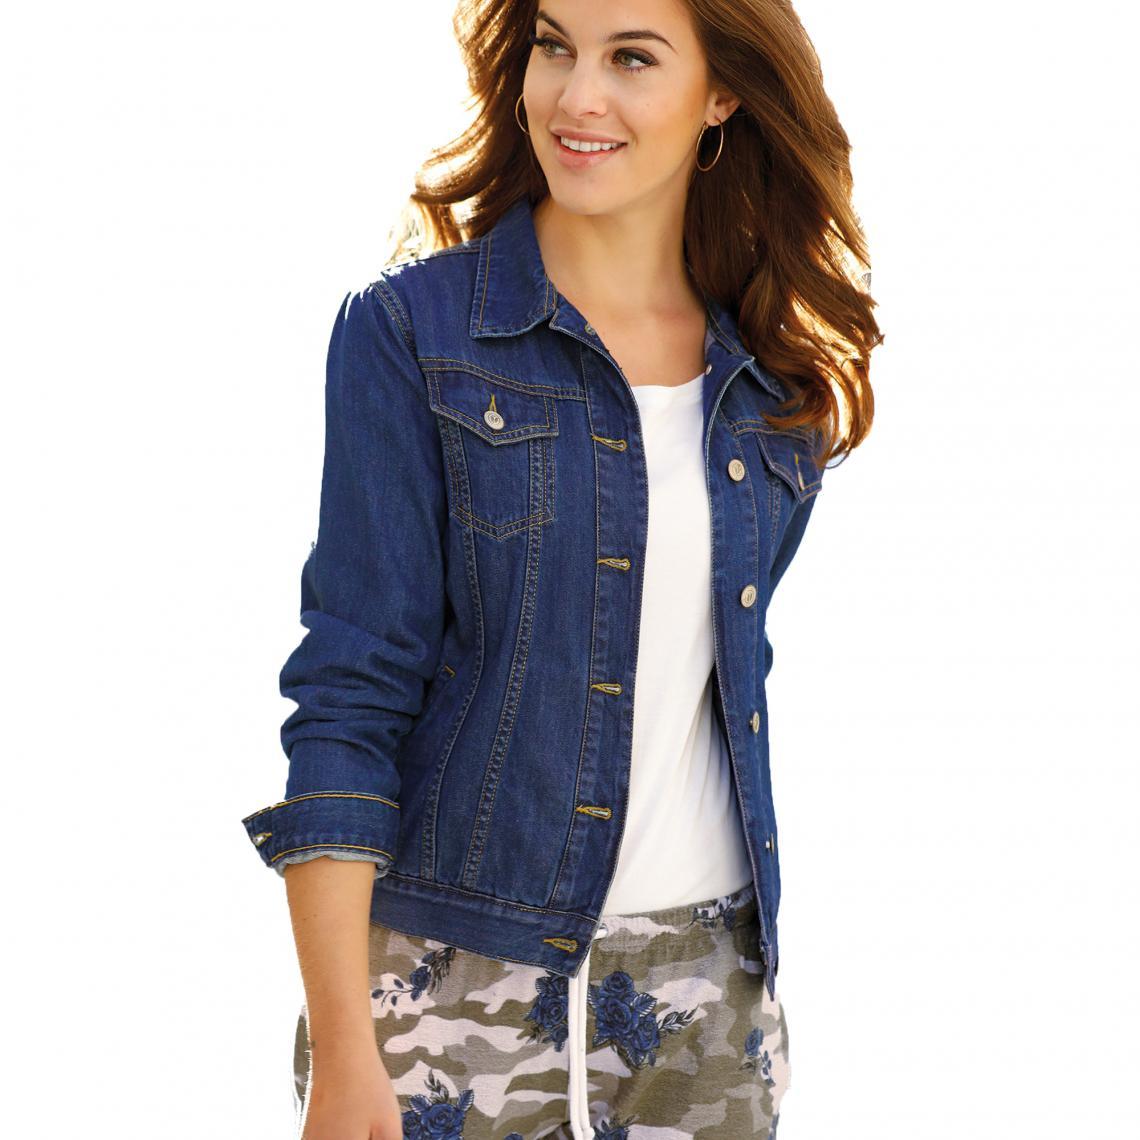 Mode + 50 ans : comment porter la veste en jean sans paraître midinette ?